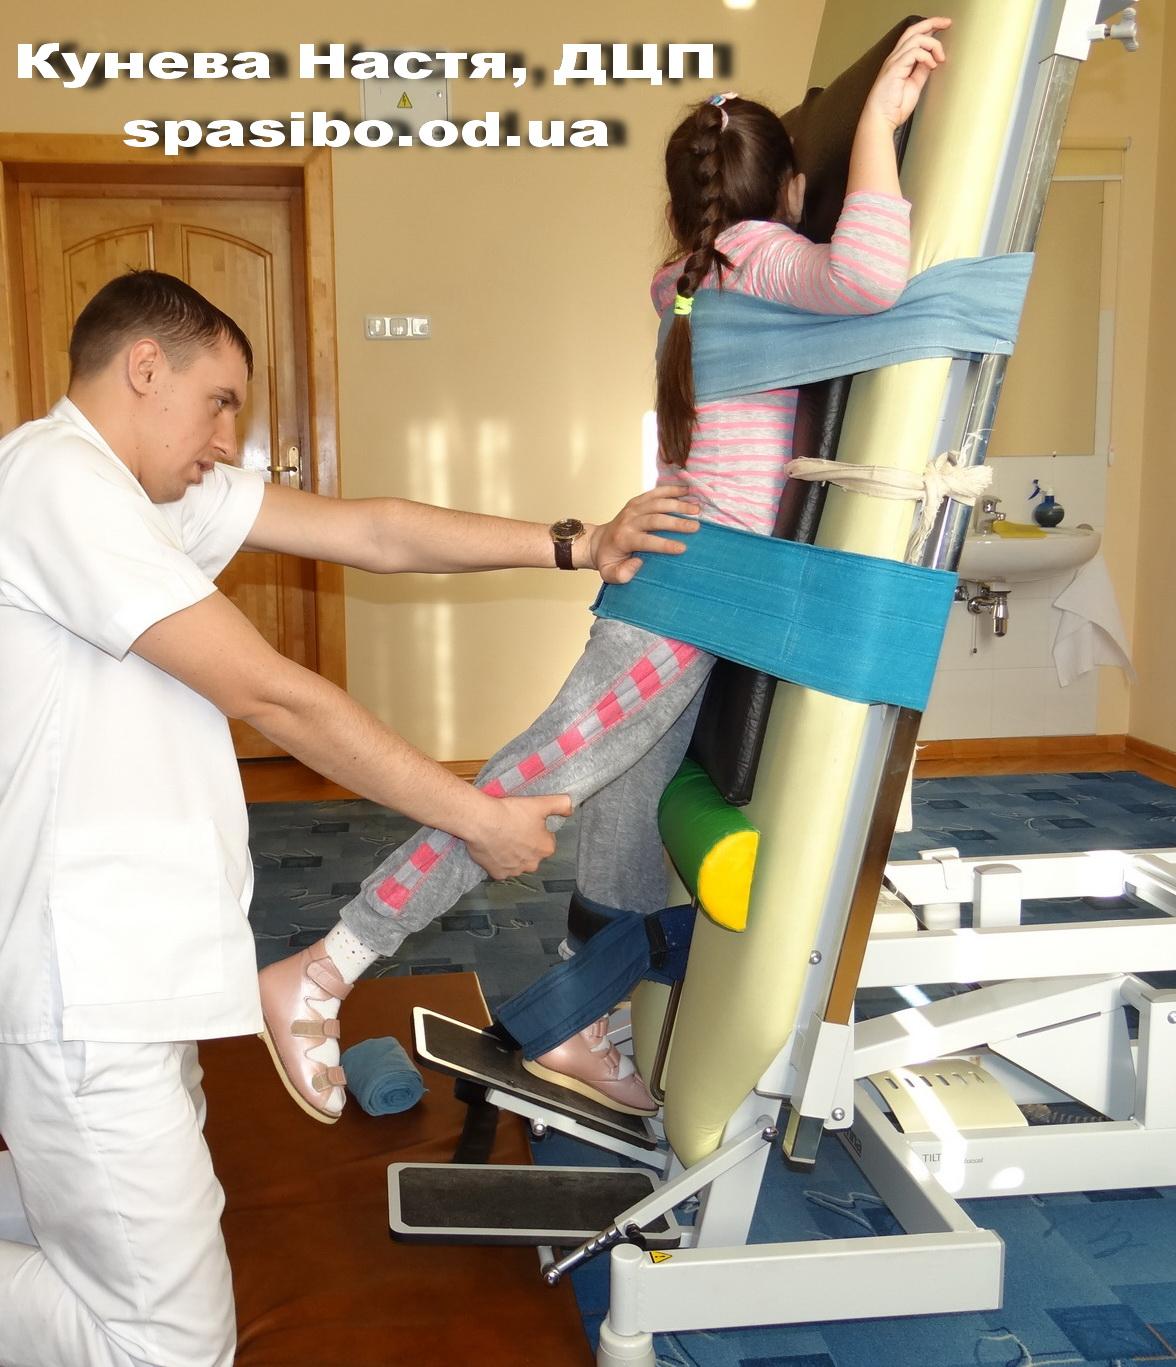 Кунева Настя в реабилитационной клинике (8)